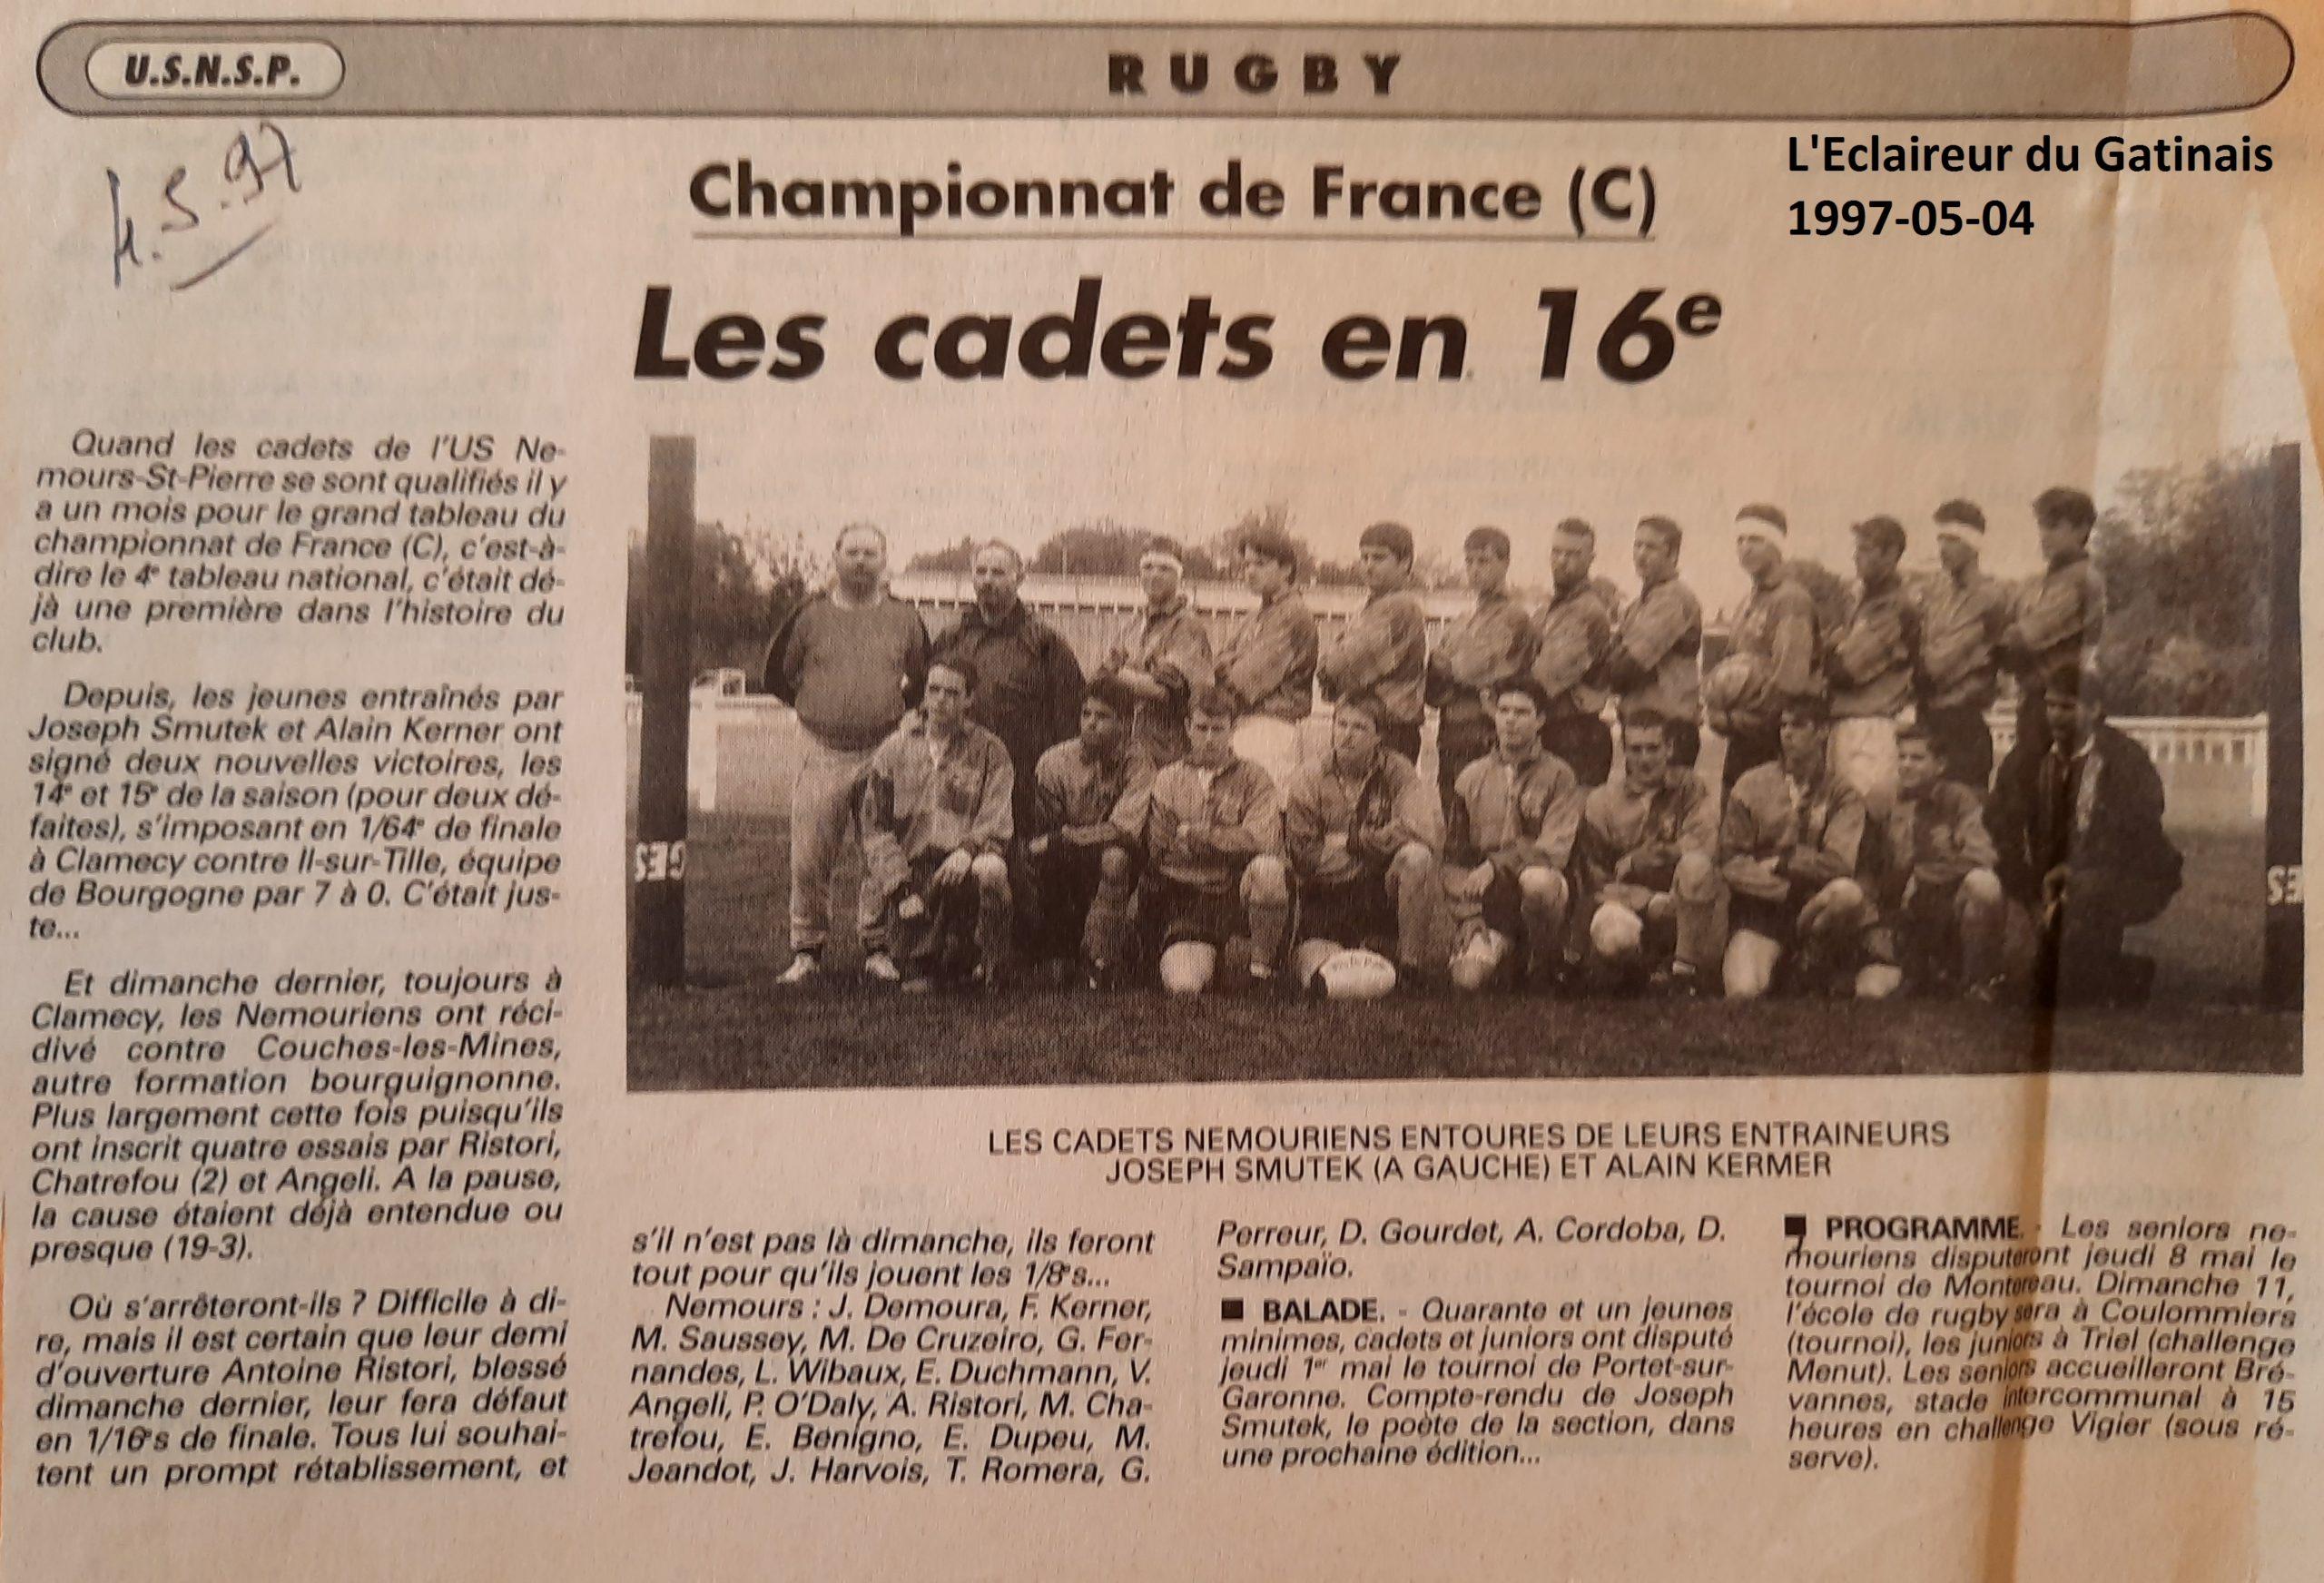 Eclaireur du Gâtinais 1997-05-04